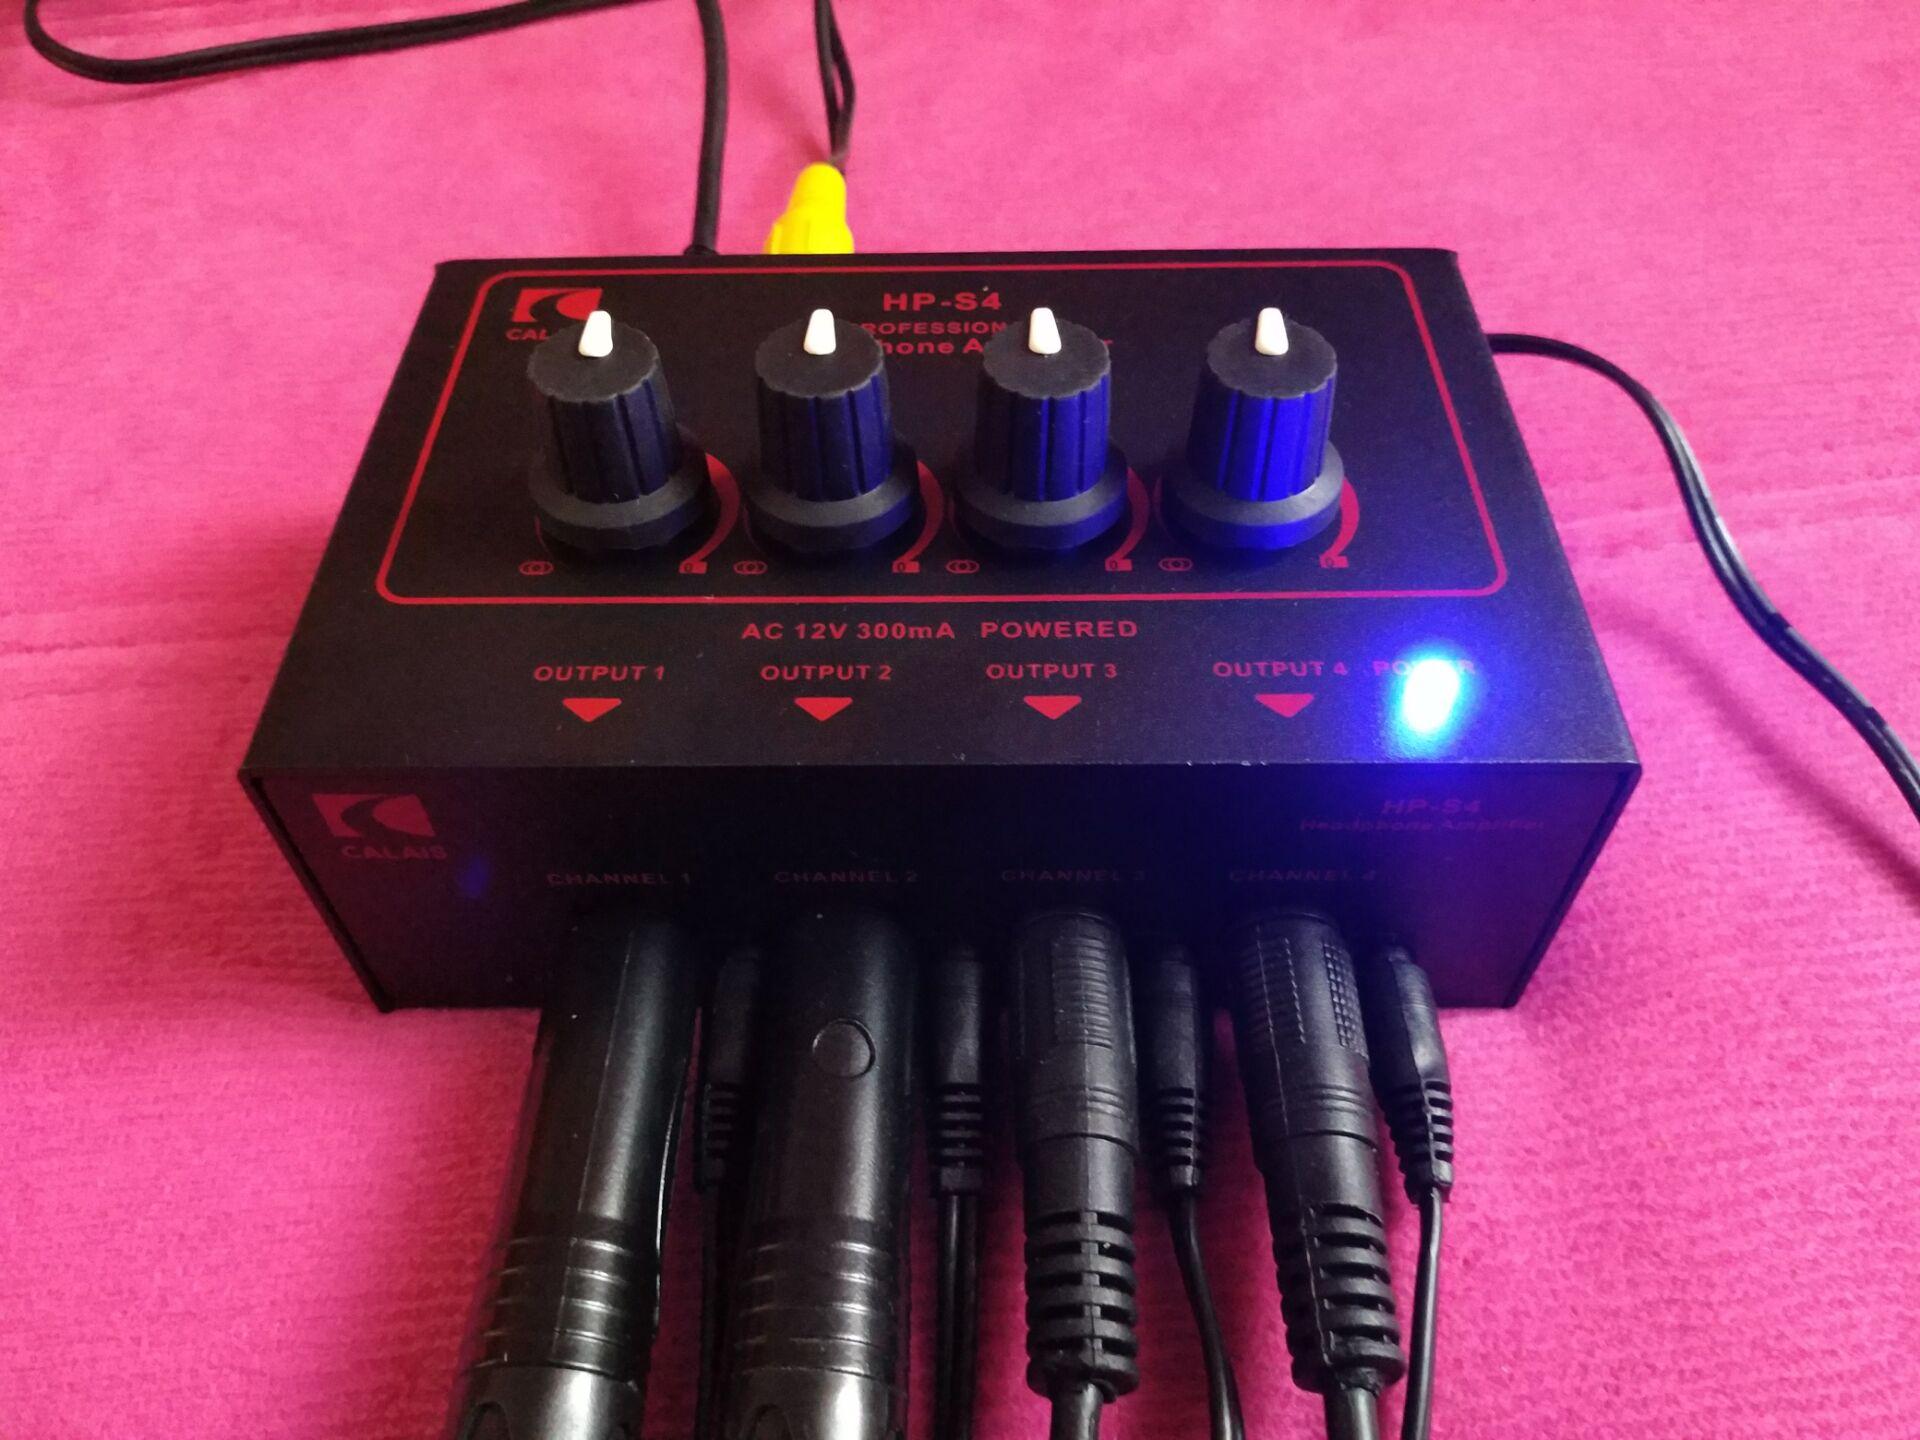 CALAIS HP-S4 HPS4 4 дорога наушники распределение устройство 8 дорога наушники увеличить устройство запись пролить ухо релиз ухо филиал